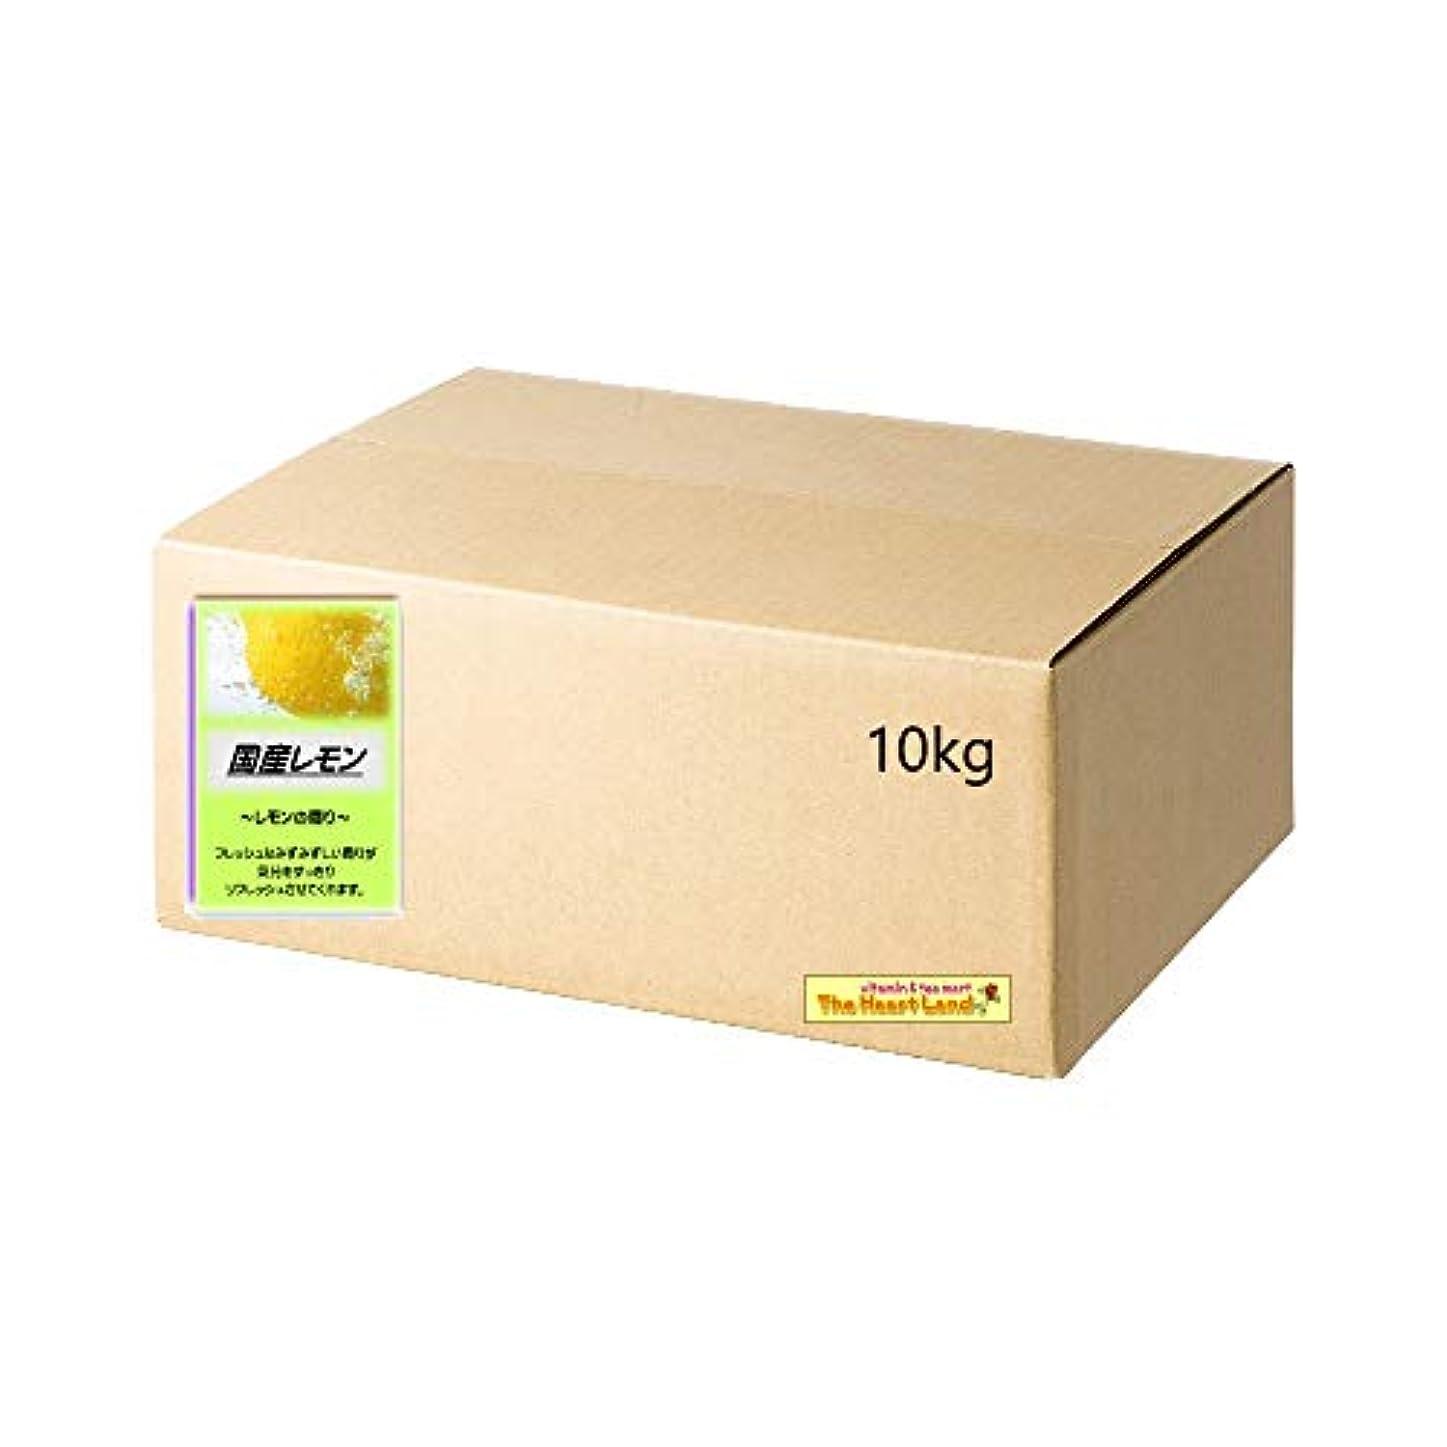 元気検証に対応するアサヒ入浴剤 浴用入浴化粧品 国産レモン 10kg